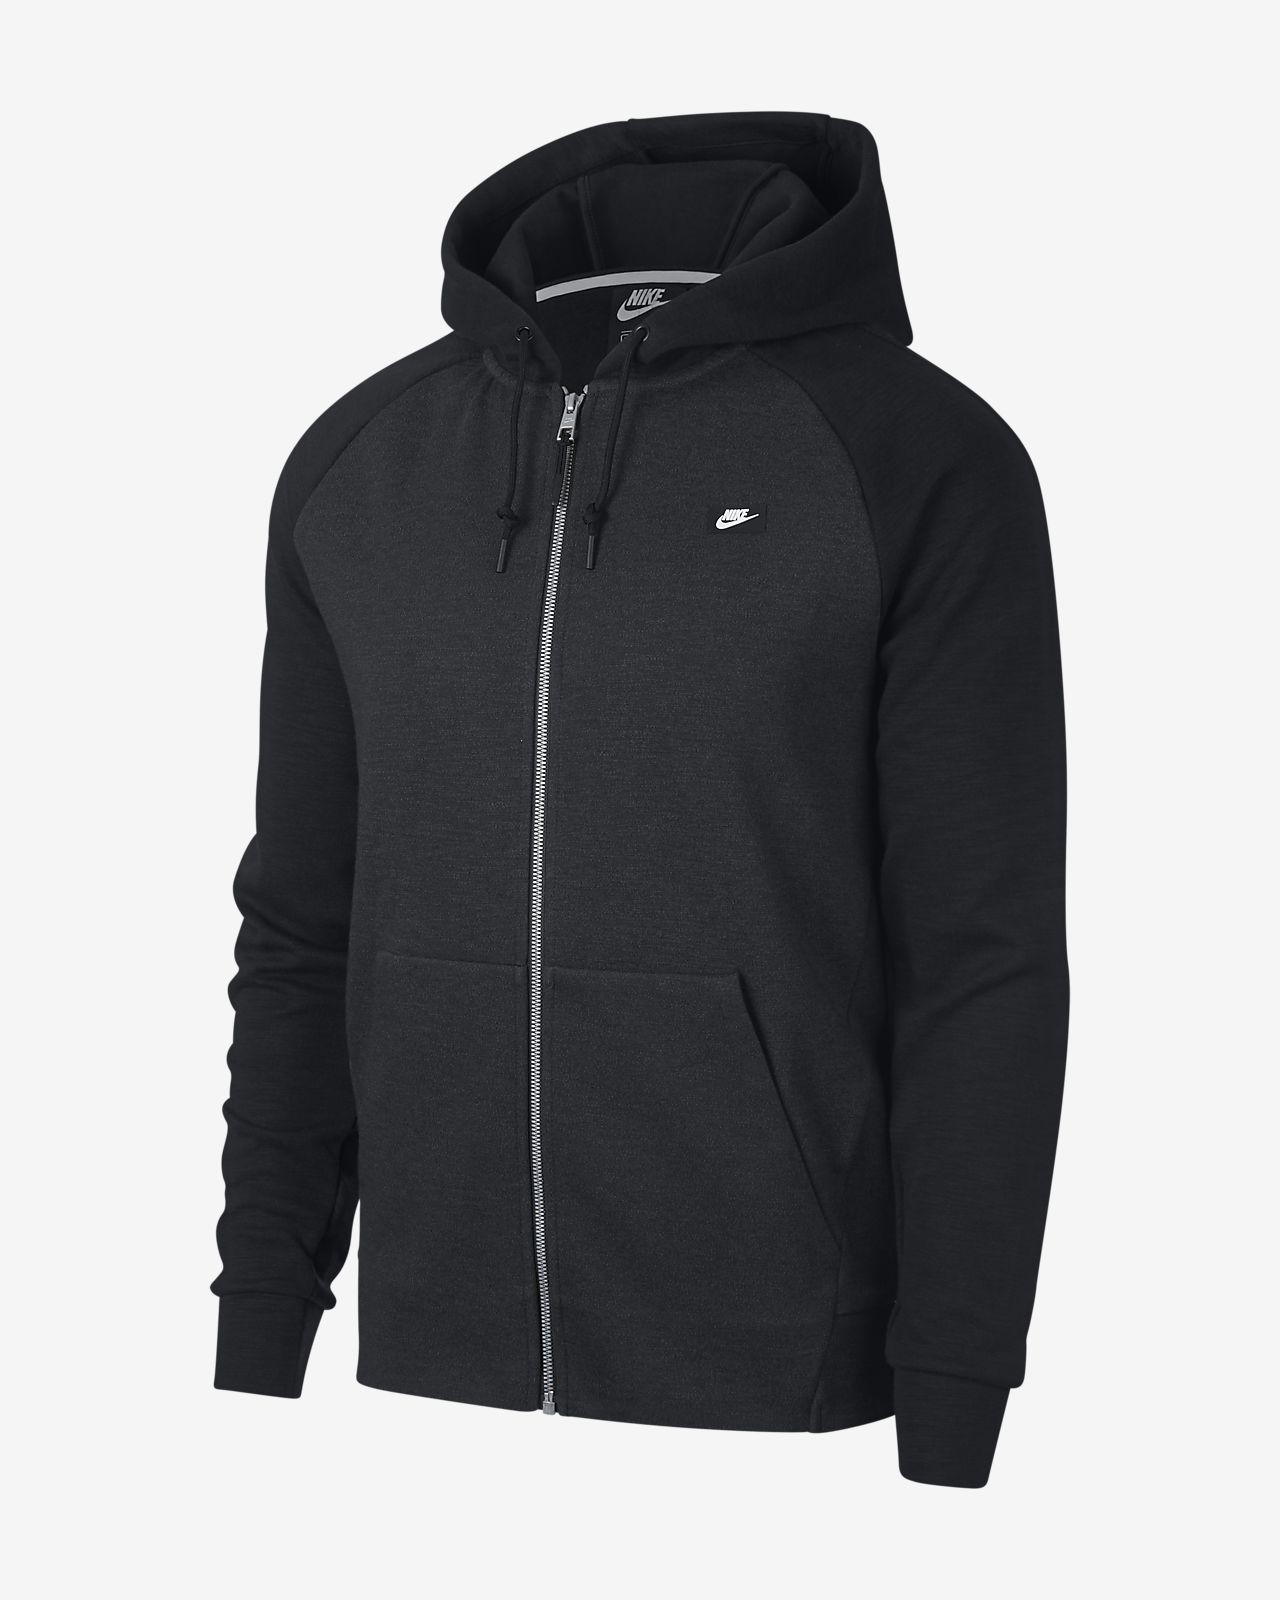 Nike Sportswear Optic Sudadera con capucha con cremallera completa - Hombre